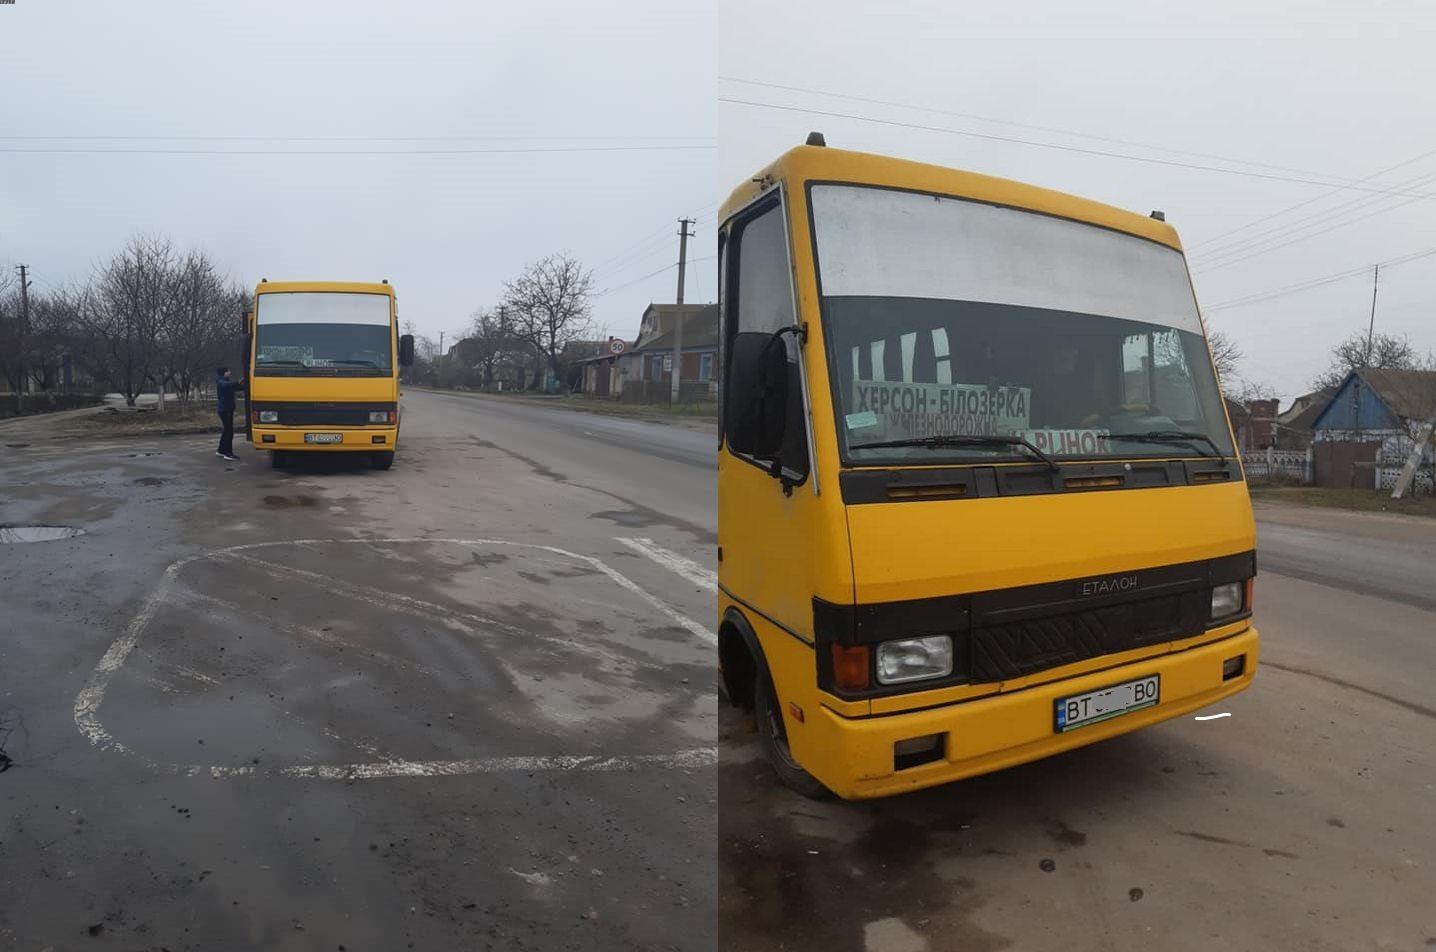 В Херсонской области ребенка-инвалида выгнали из автобуса - соцсети